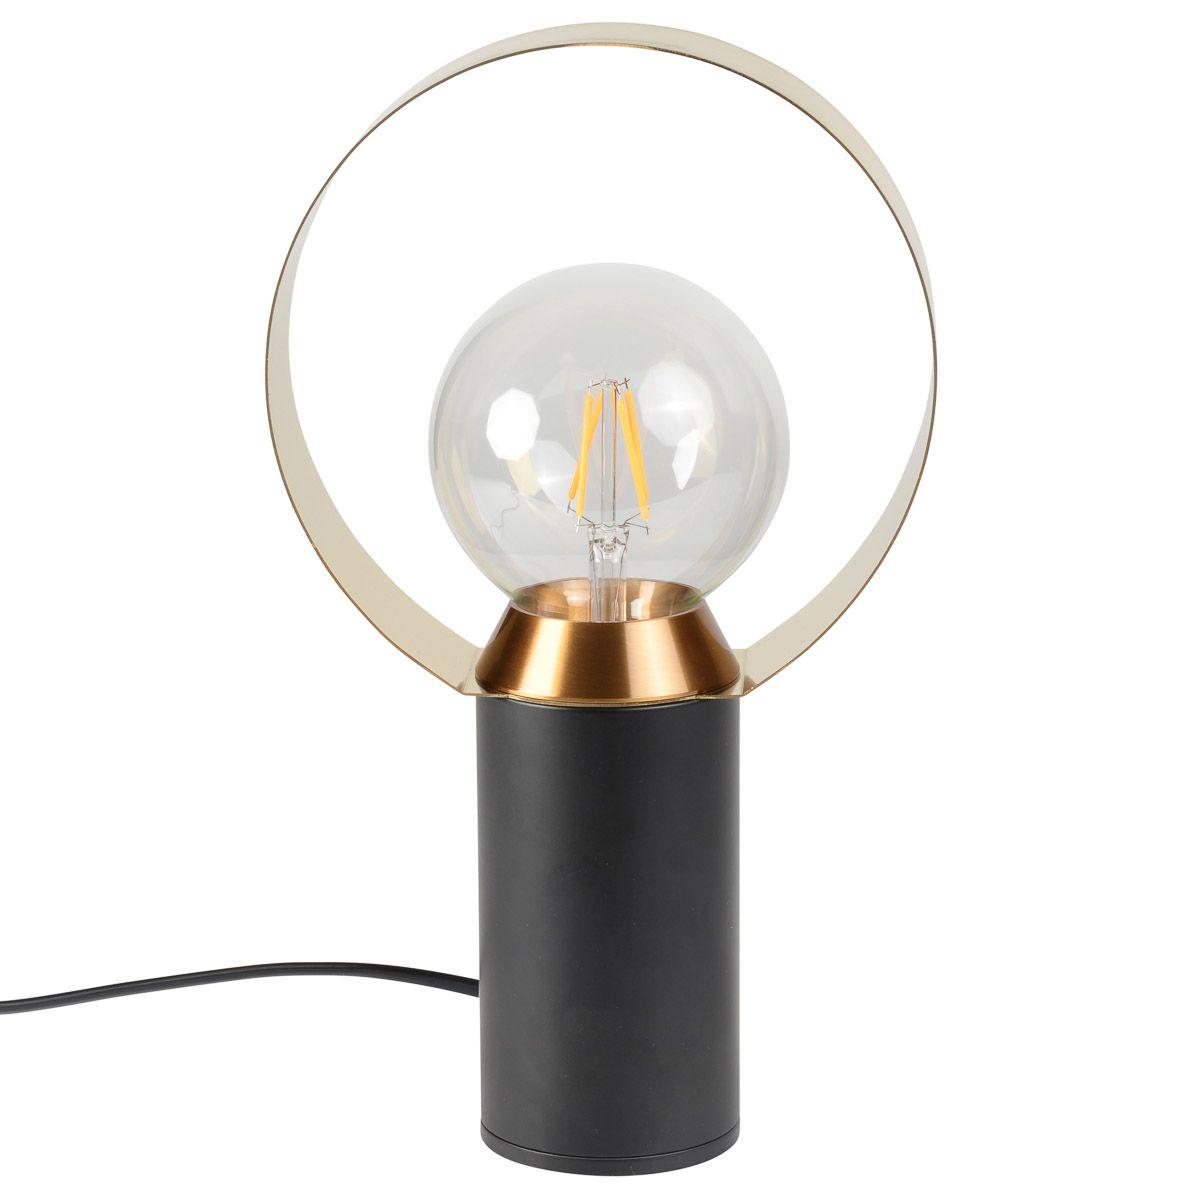 Lampe noire en aluminium et acier doré brossé DUCHESSE